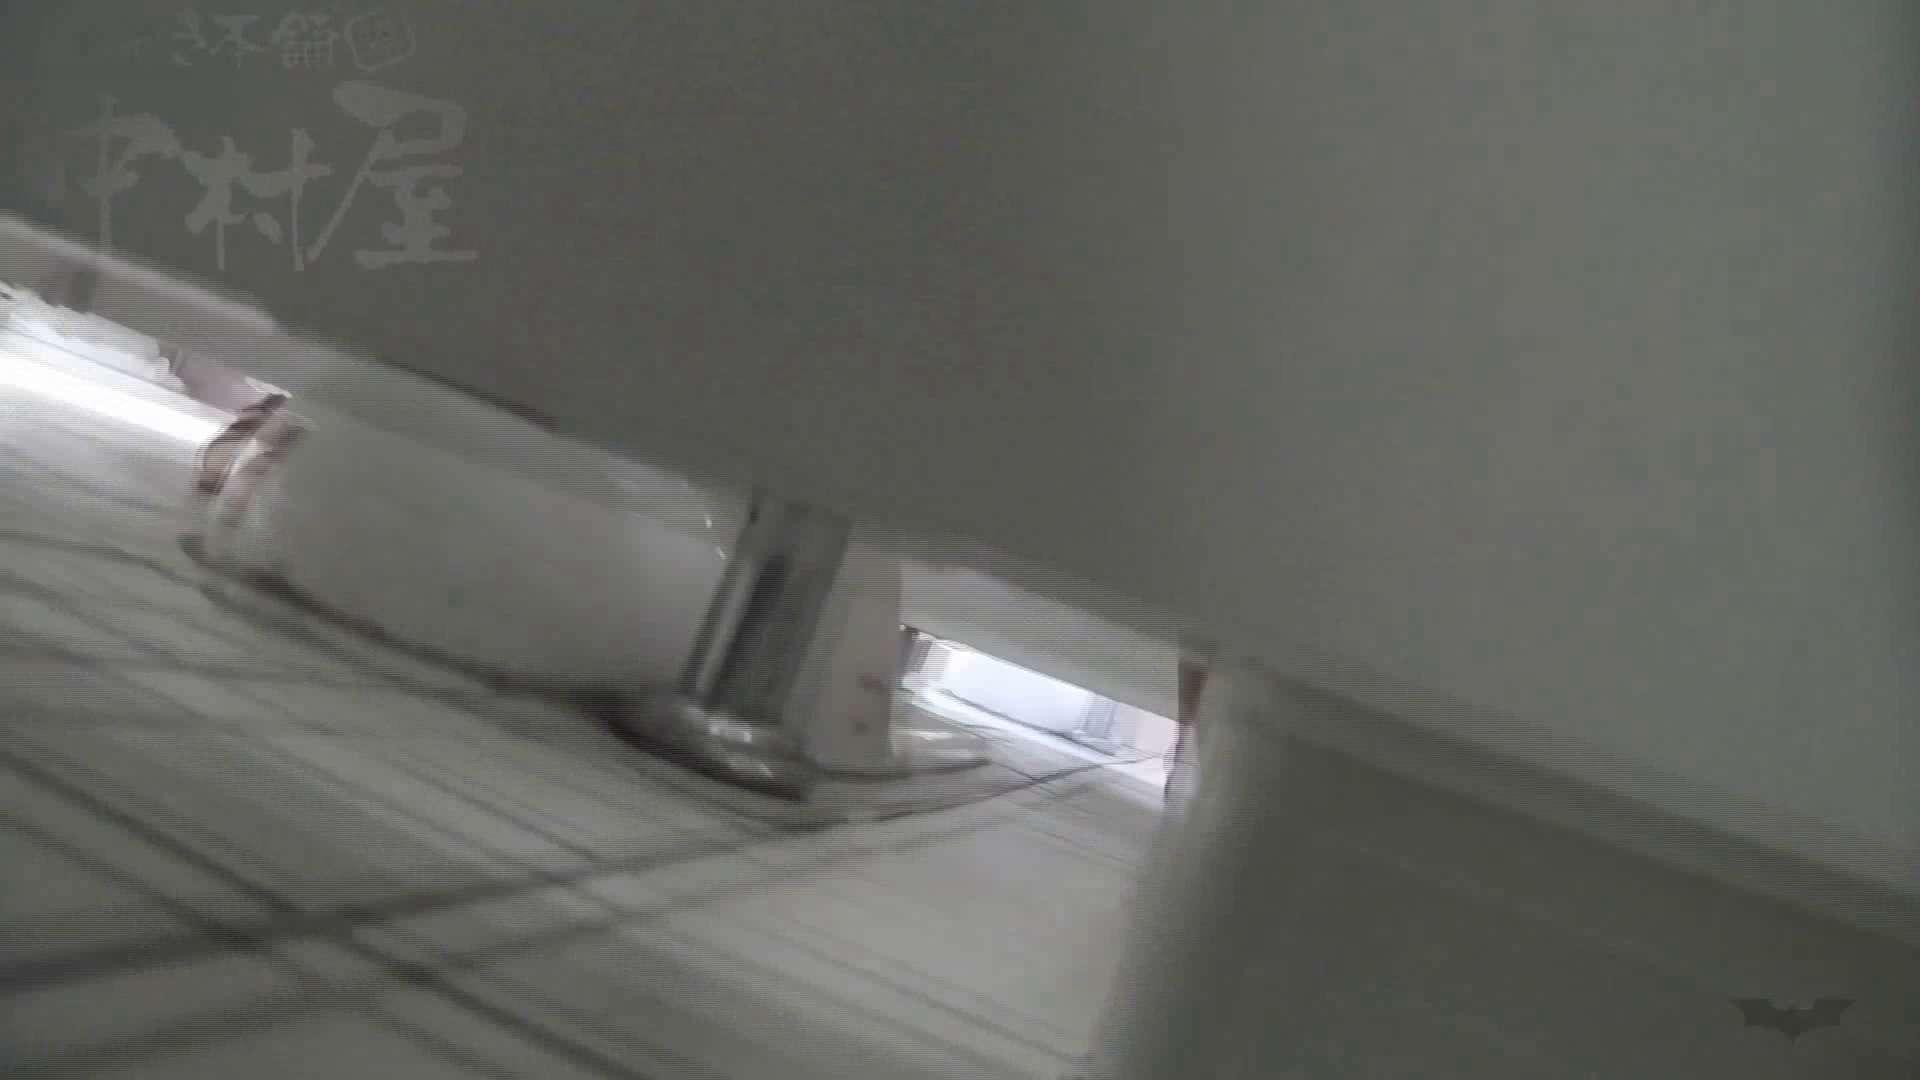 美しい日本の未来 No.16 あぁ懐かしき青春の日々・・・。 女子トイレ 盗撮動画紹介 71連発 29